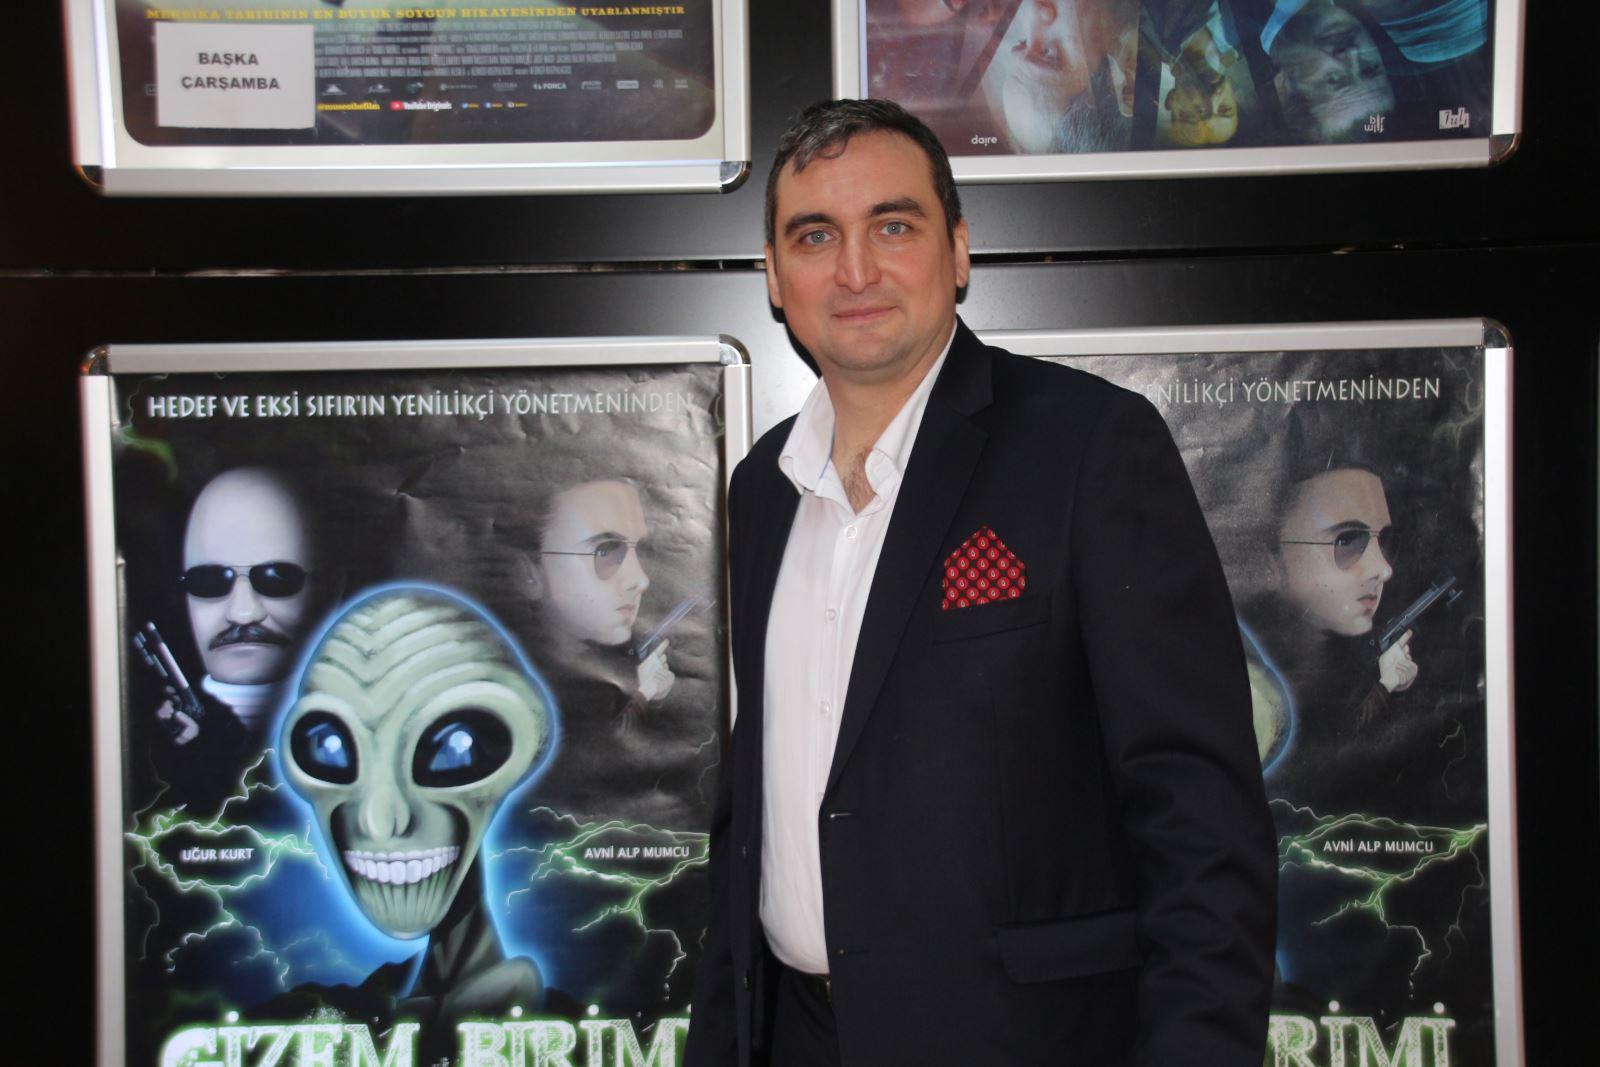 Doç. Dr. Erkut Altındağ'ın 2. Uzun Metrajlı Amatör Filmi 'Gizem Birimi'nin Galası Gerçekleştirildi 2